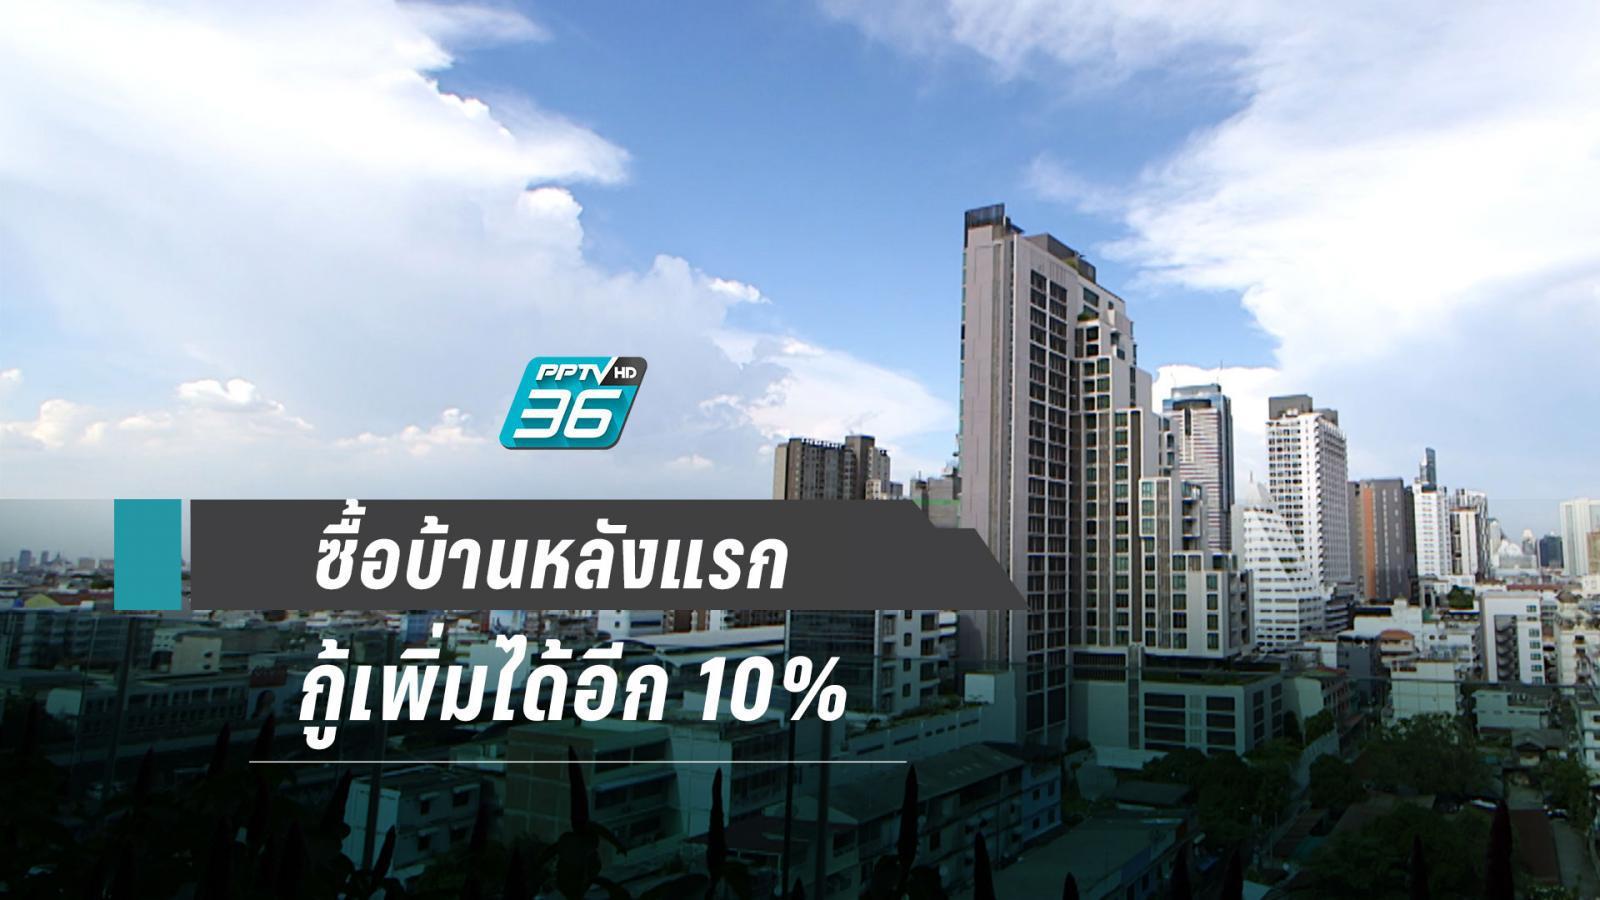 มีผลวันนี้! ธปท.ปรับเกณฑ์ LTV ซื้อบ้านหลังแรกกู้เพิ่มได้อีก 10%